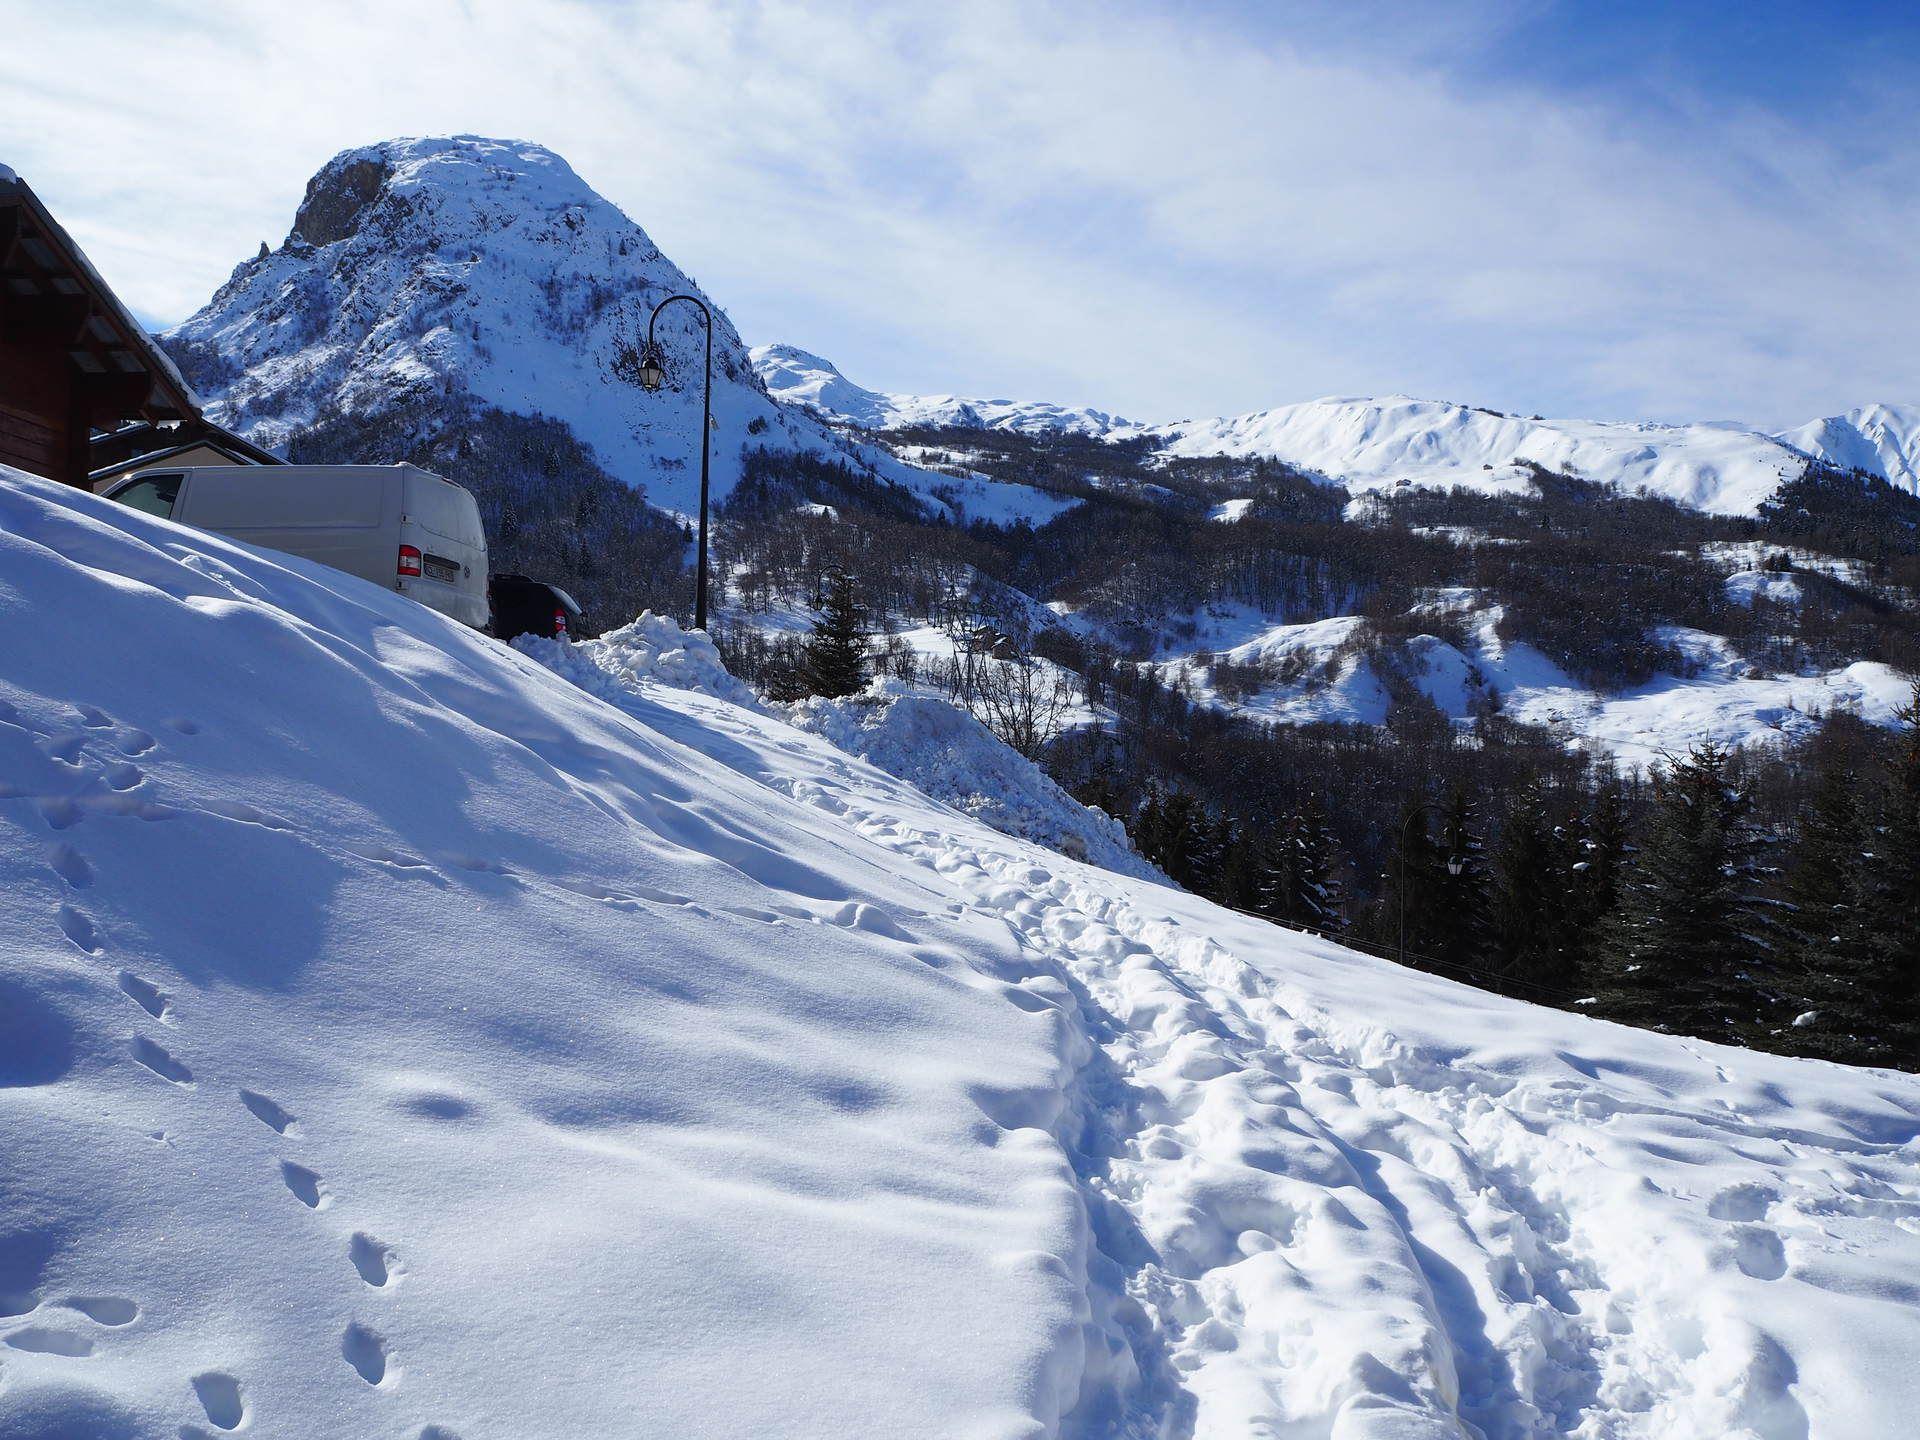 5 Pièces 10 Pers skis au pieds / Altitude 2